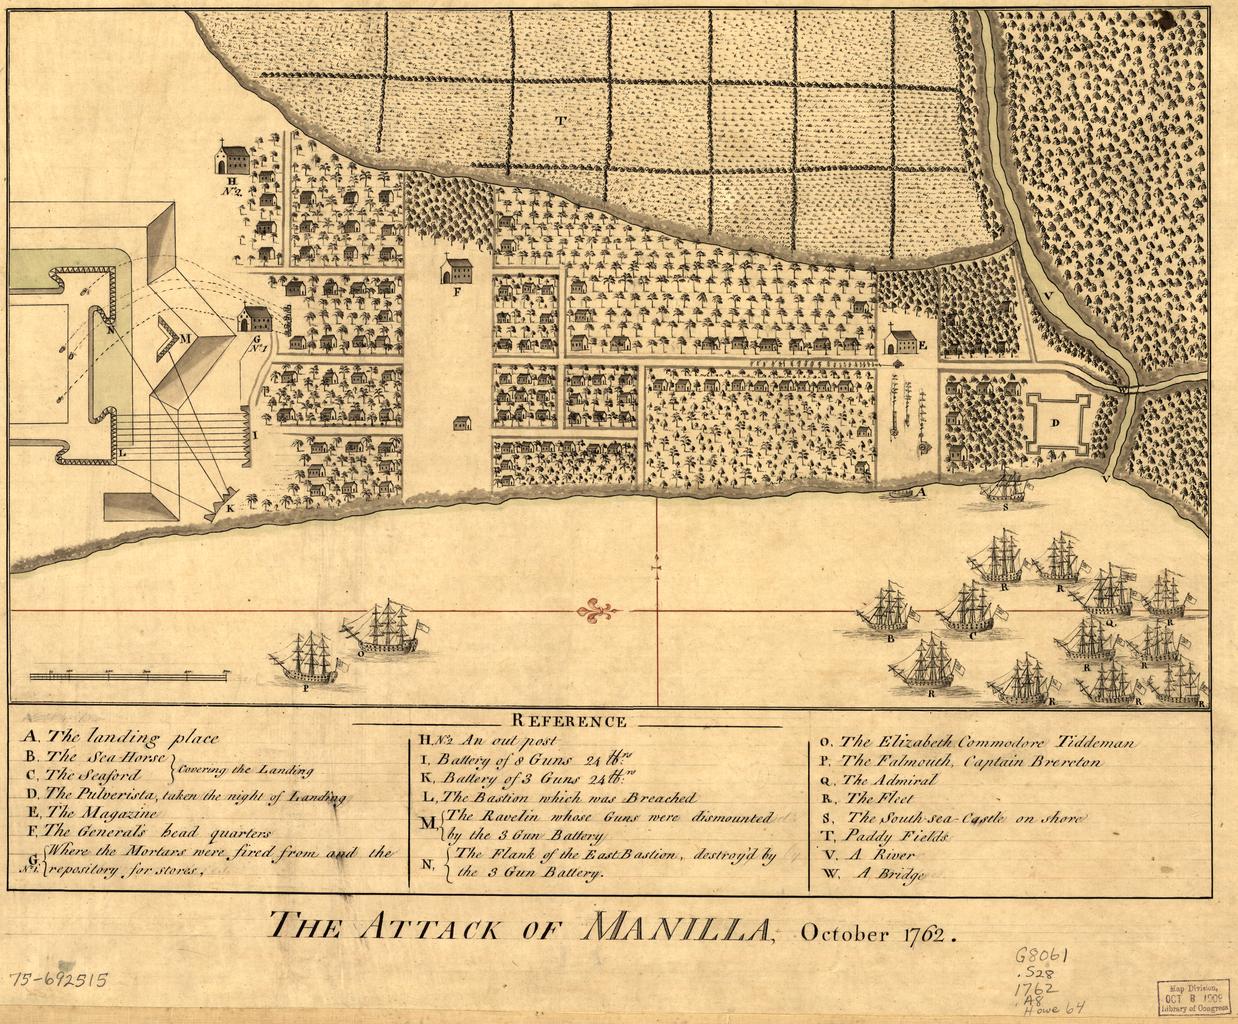 British attack on Manila, September-October 1762.